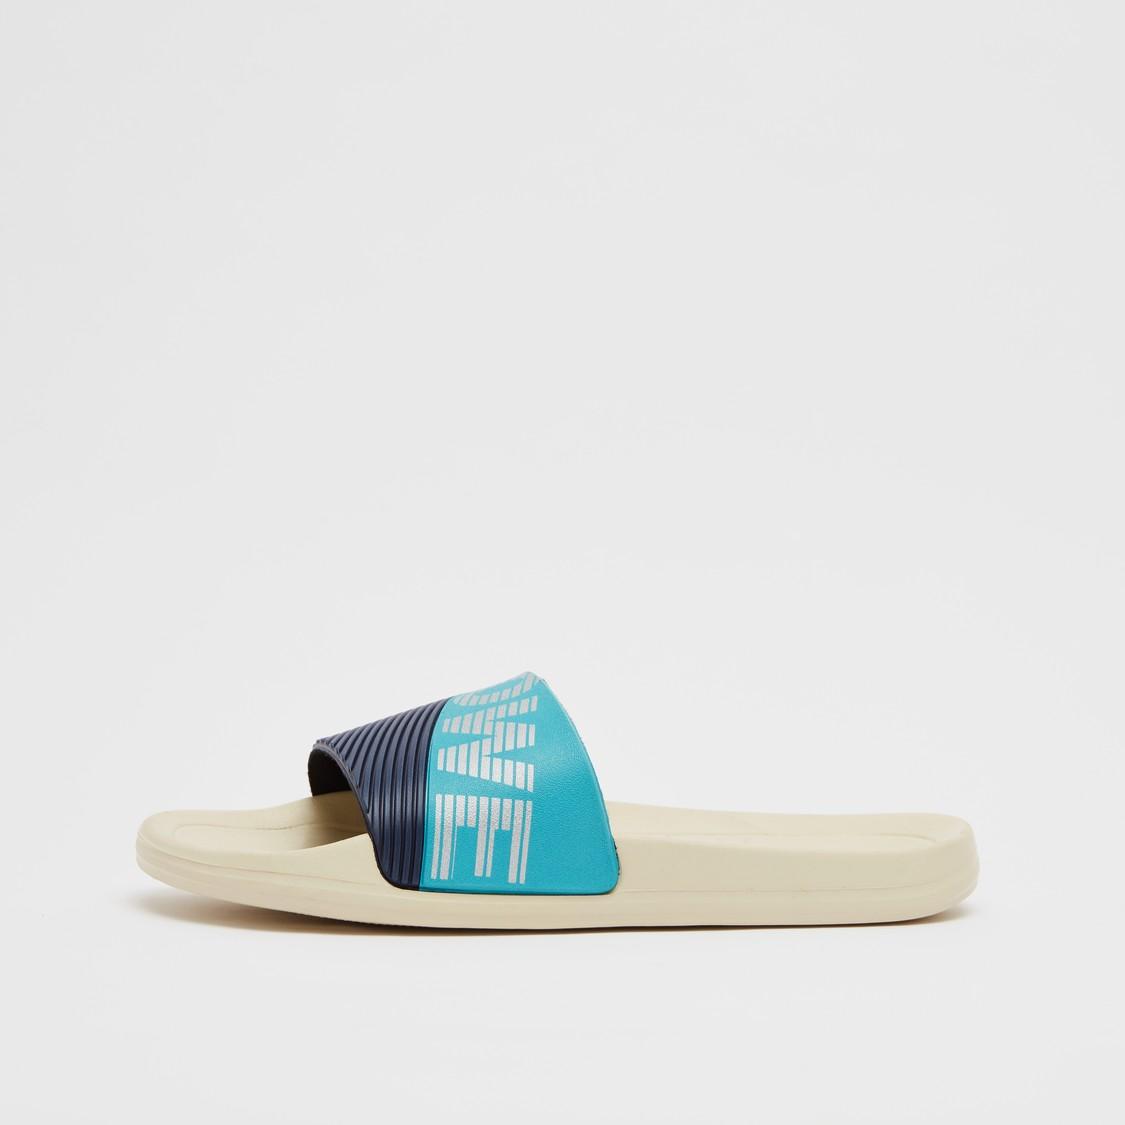 Textured Slip-On Slides with Vamp Band